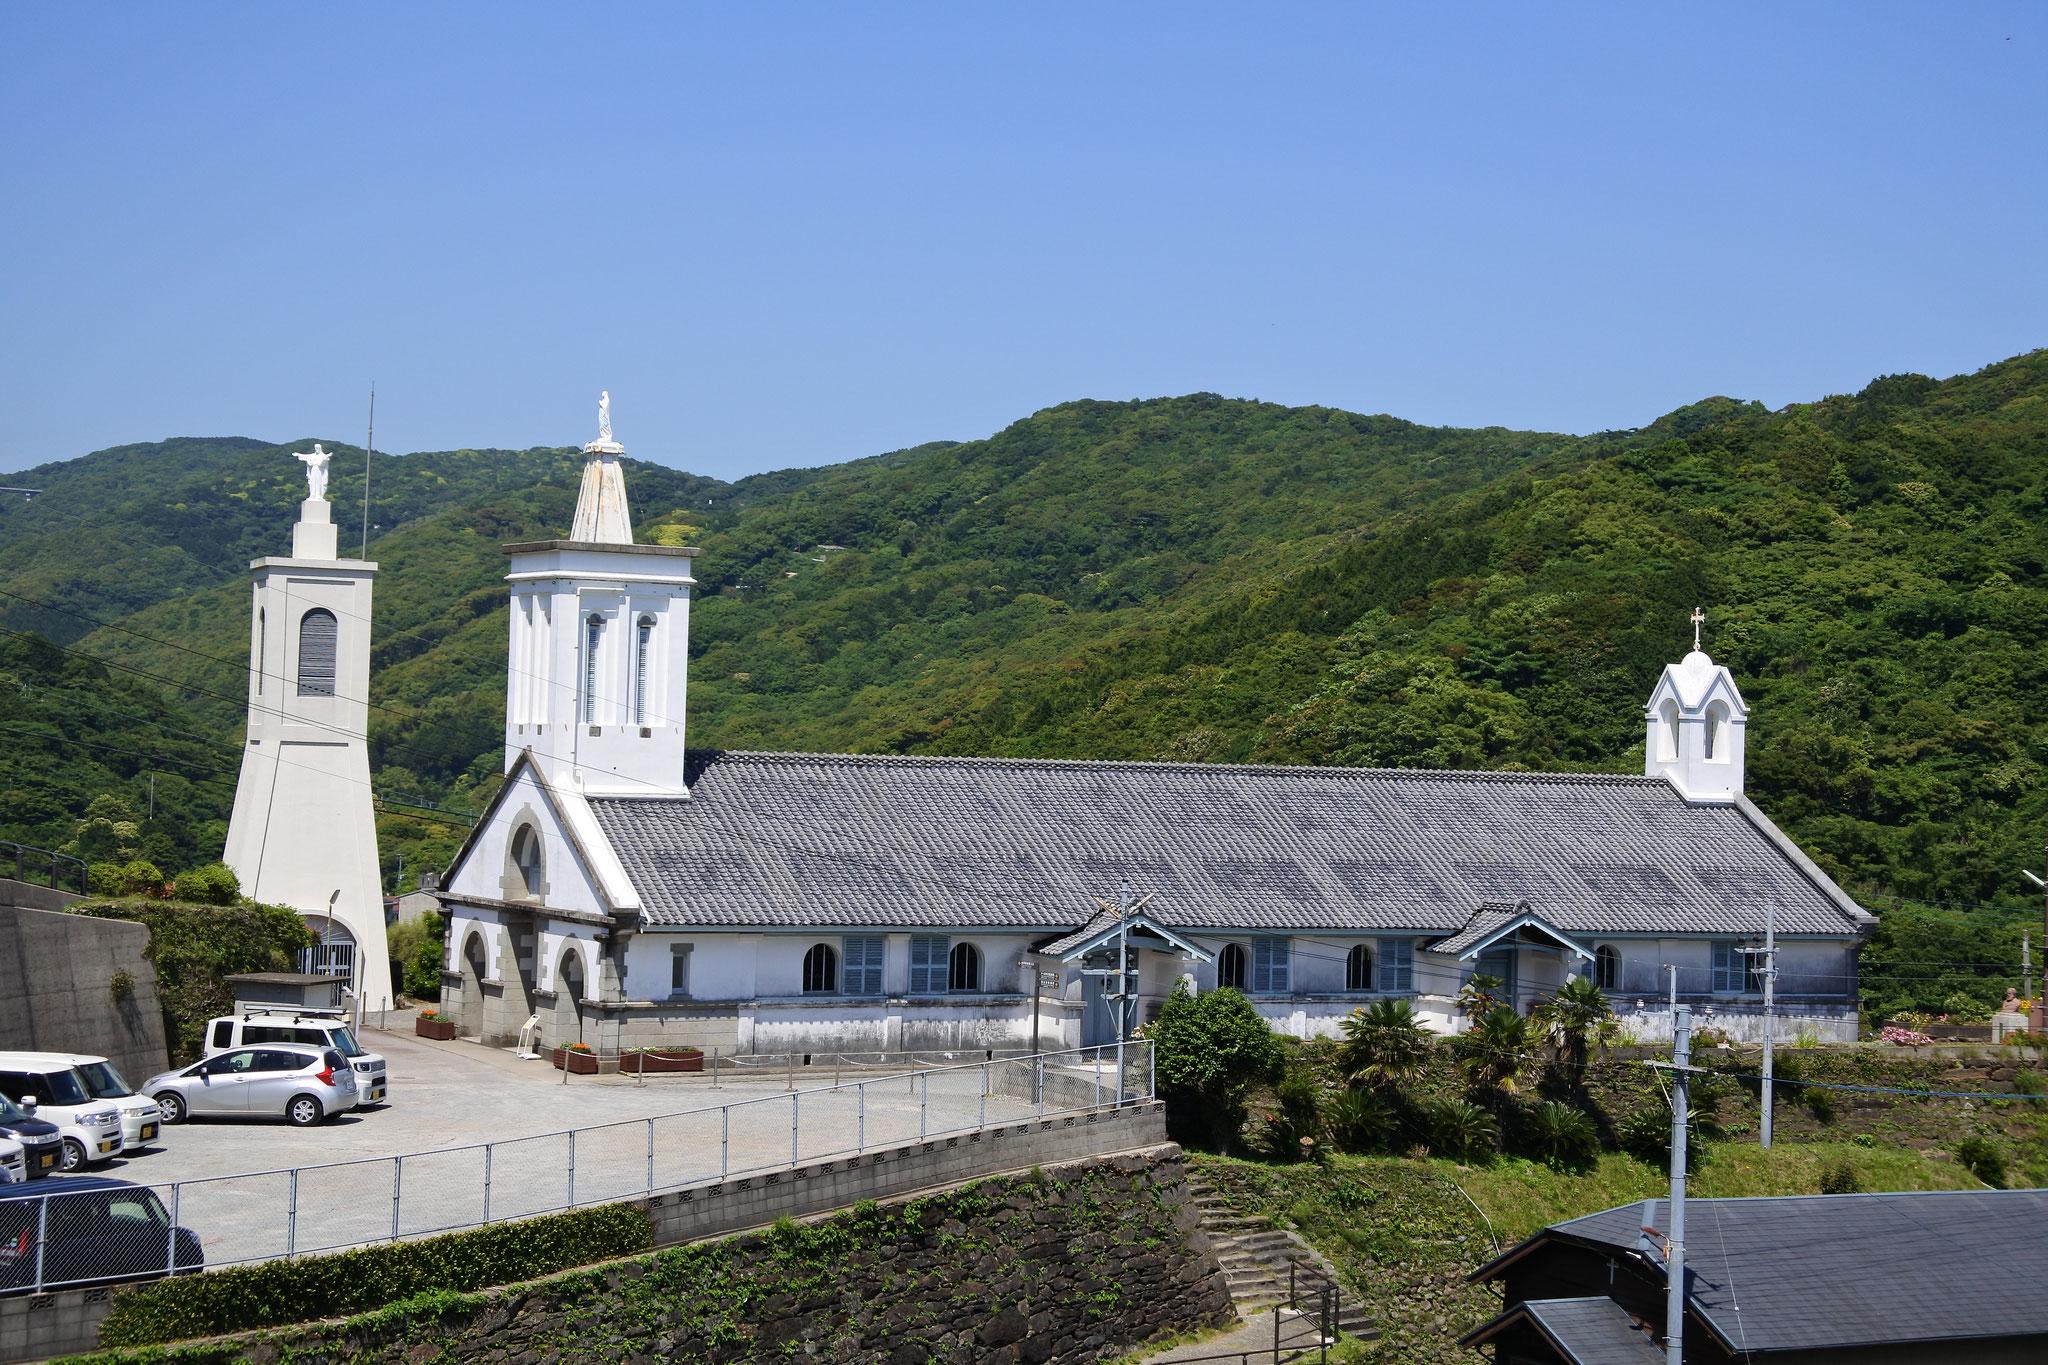 Shitsu Kirche